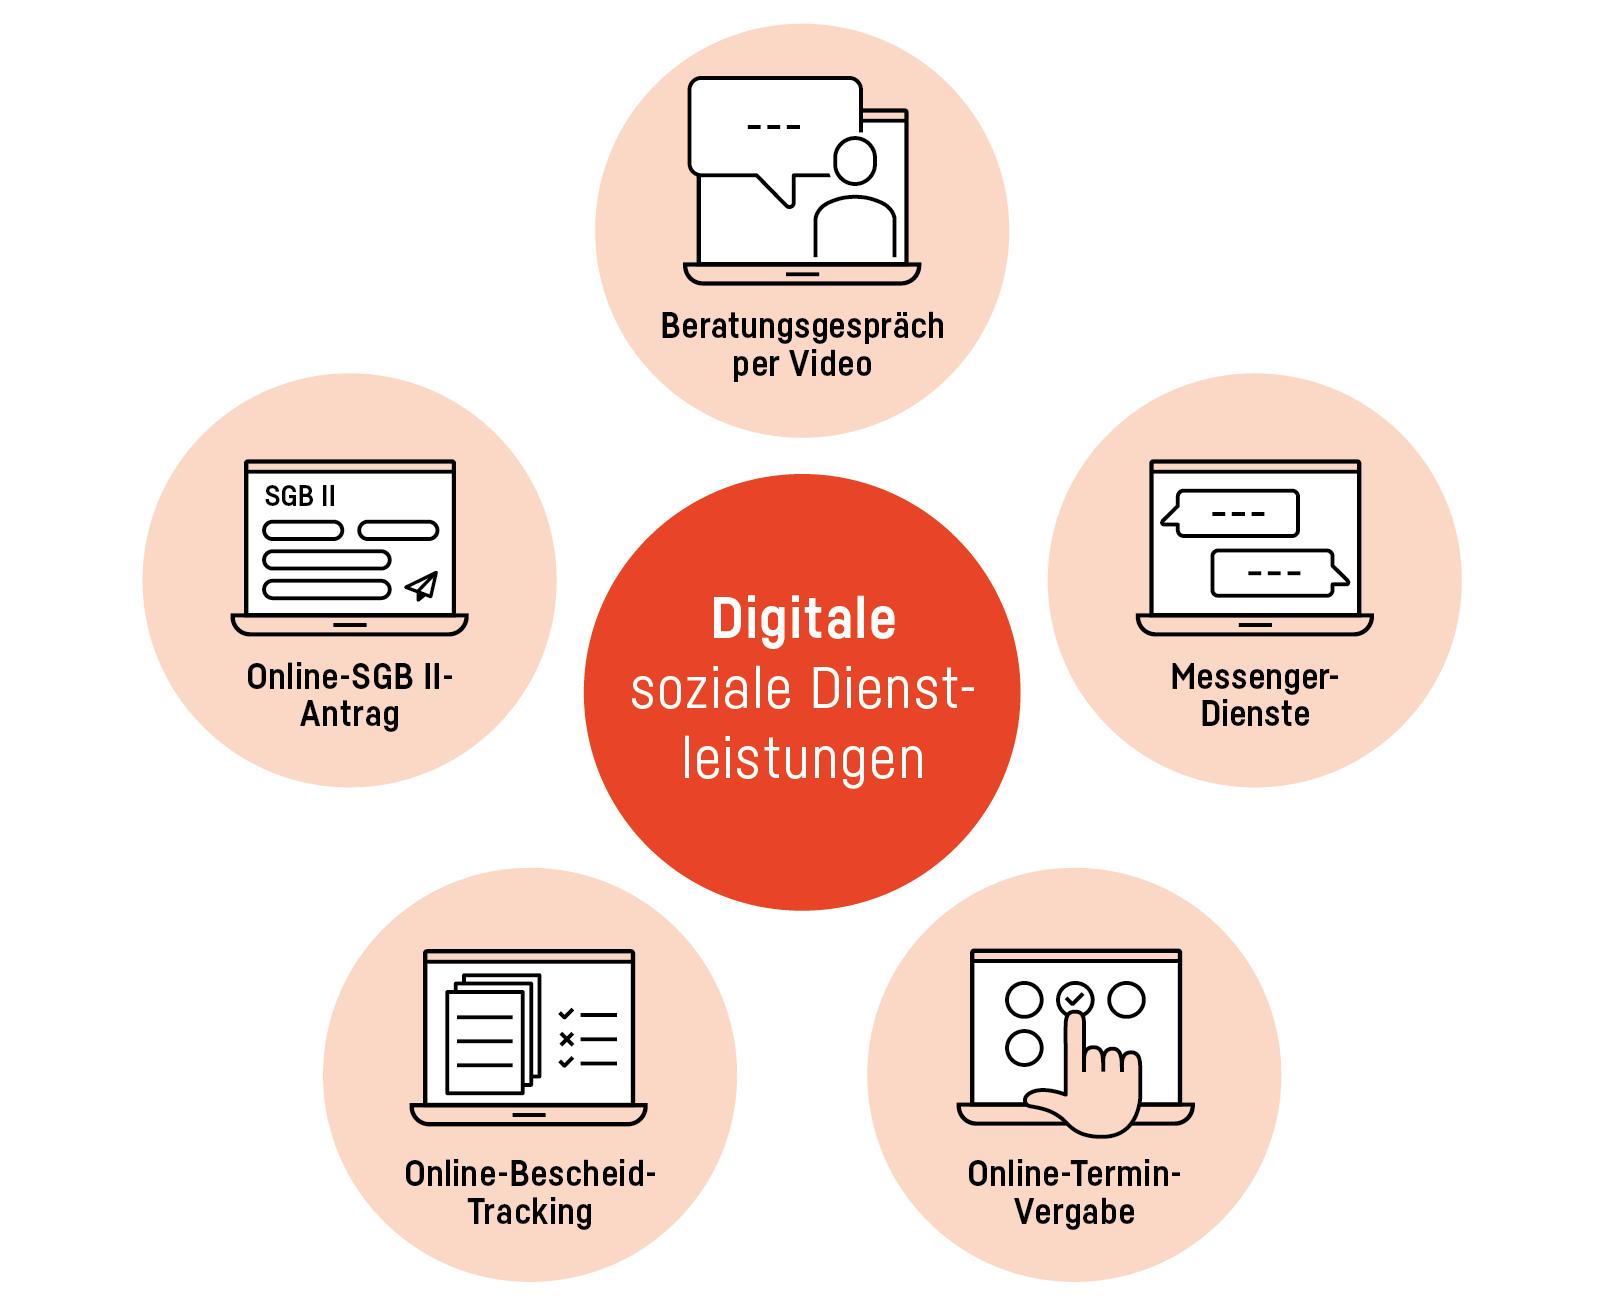 Digitale soziale Dienstleistungen